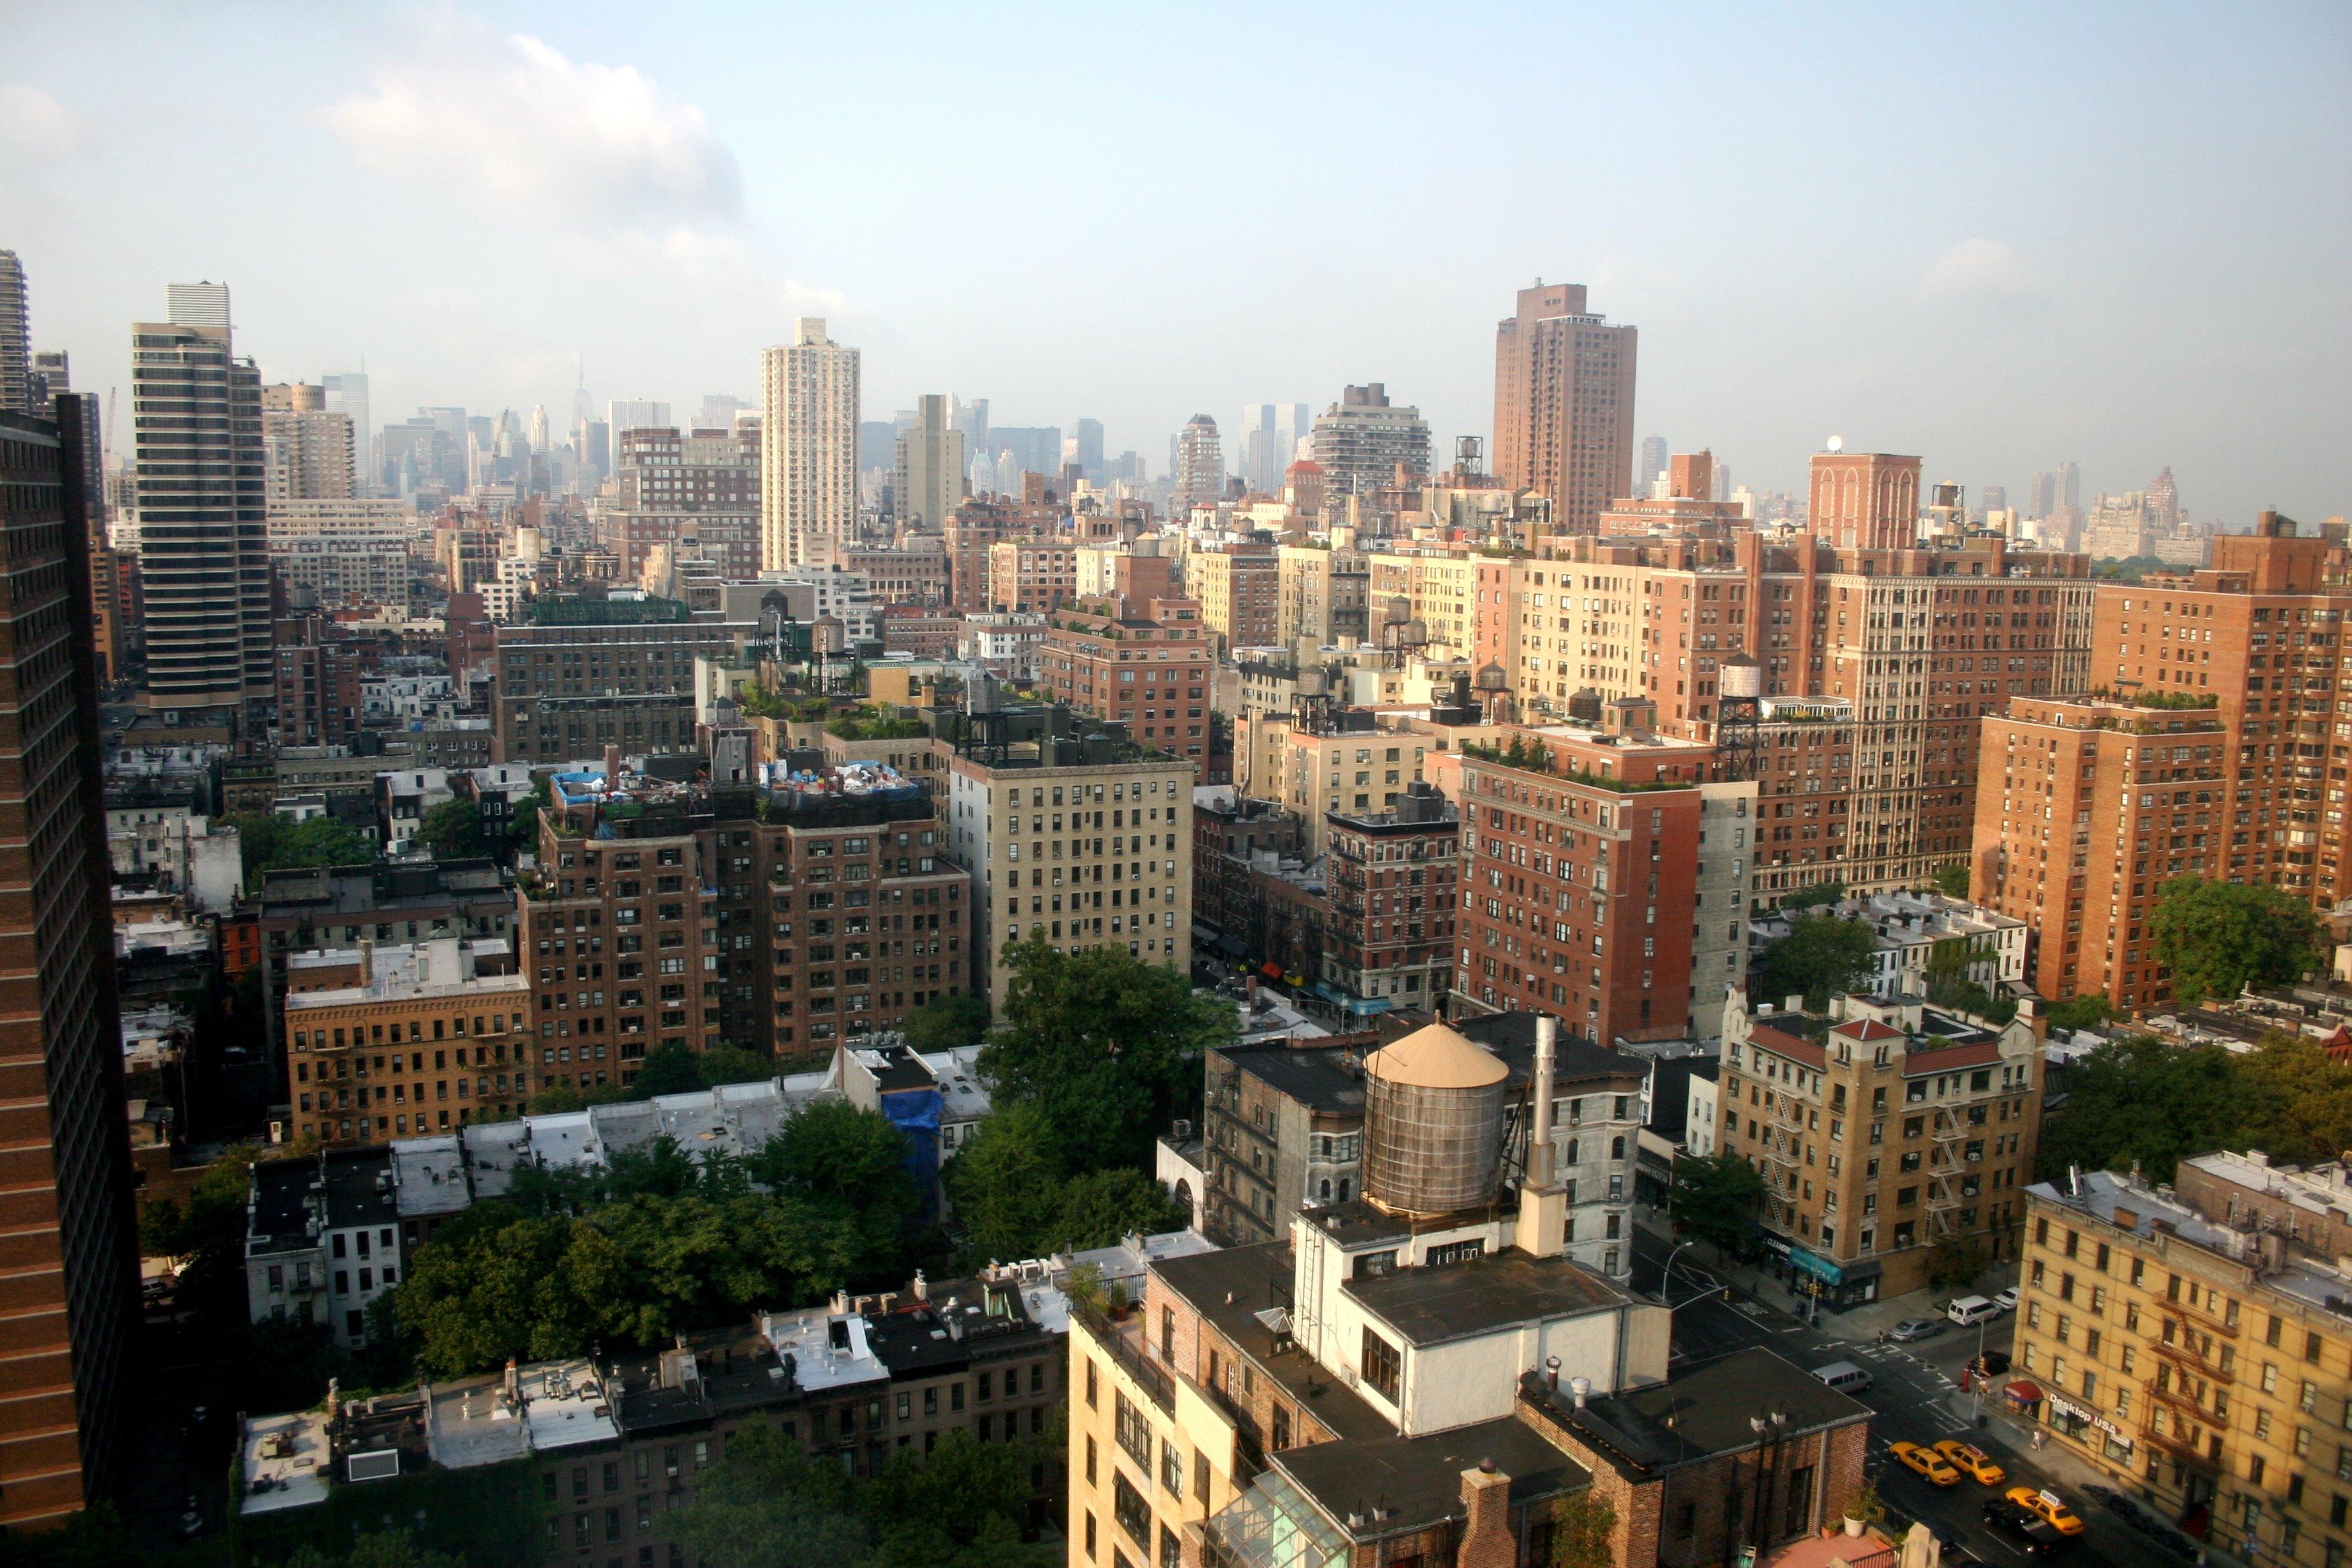 manhattan  A Realty NY